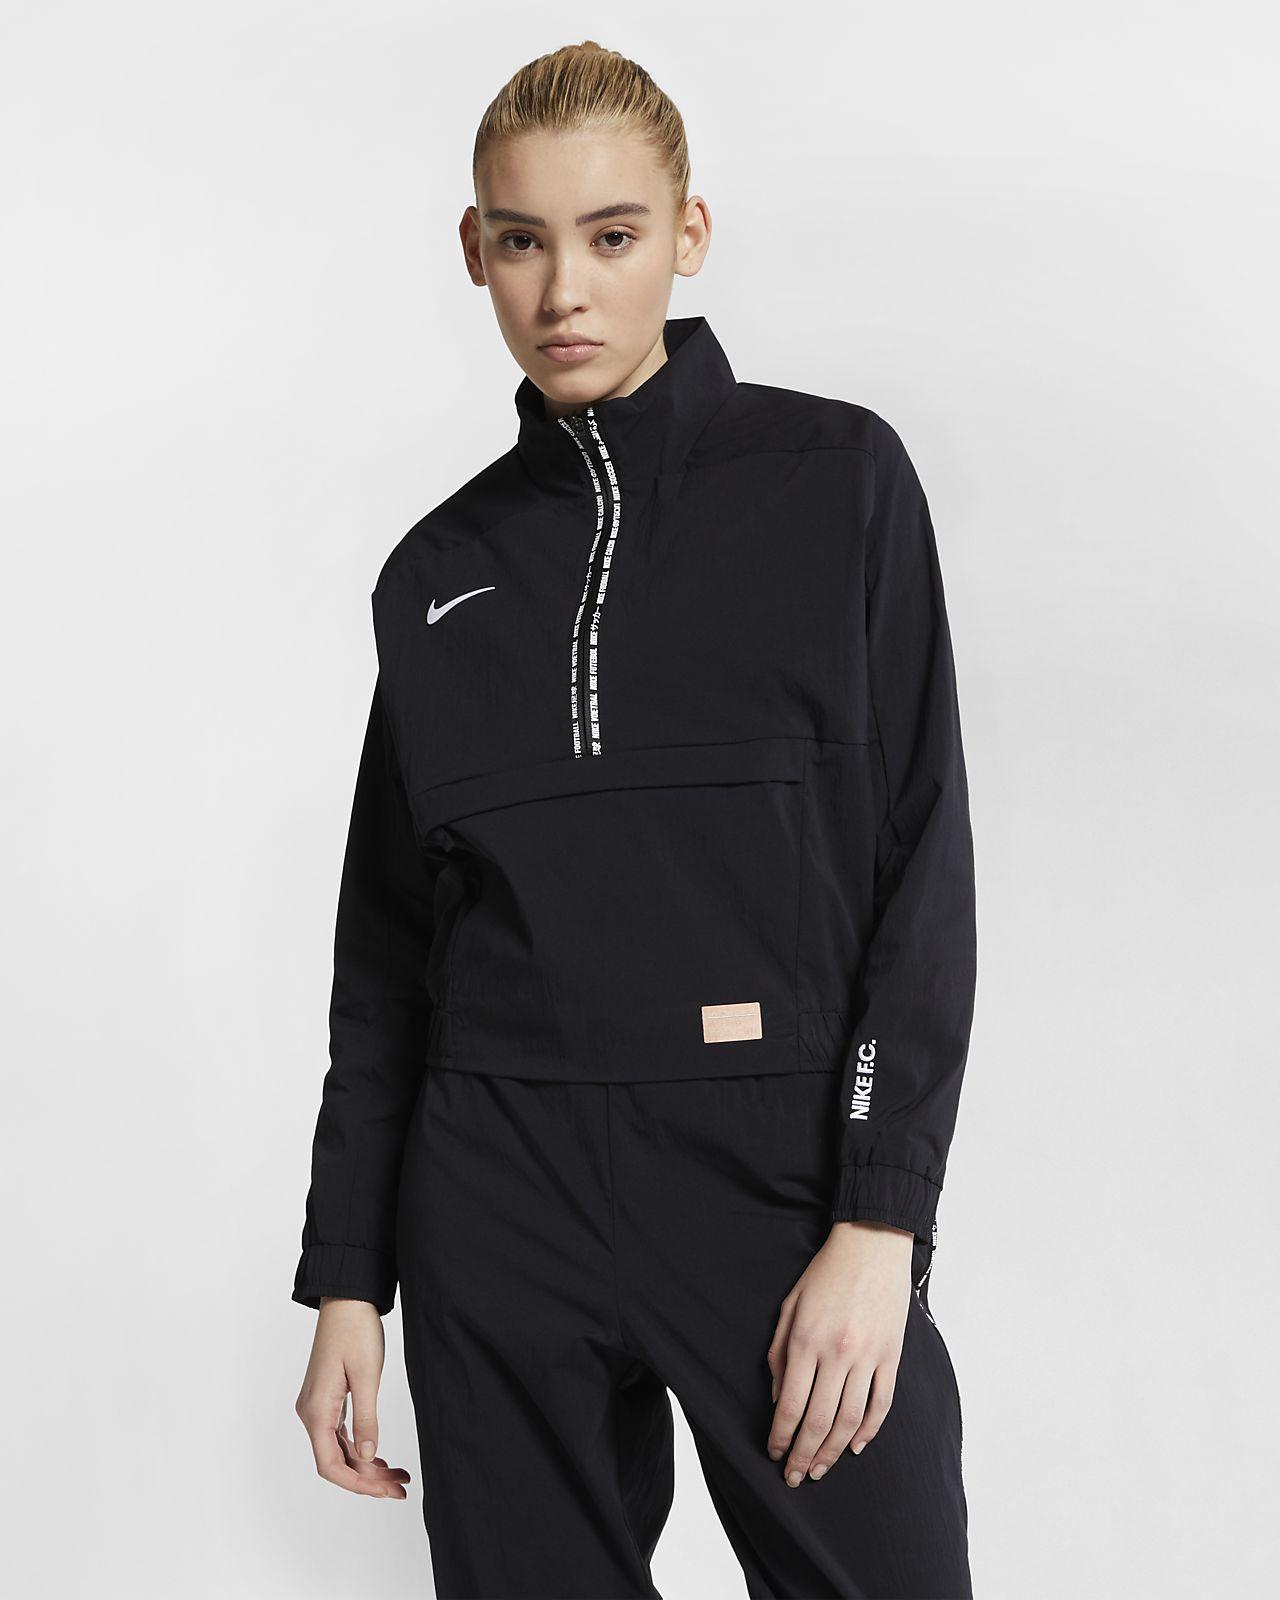 Camisola de futebol de manga comprida Nike F.C. para mulher